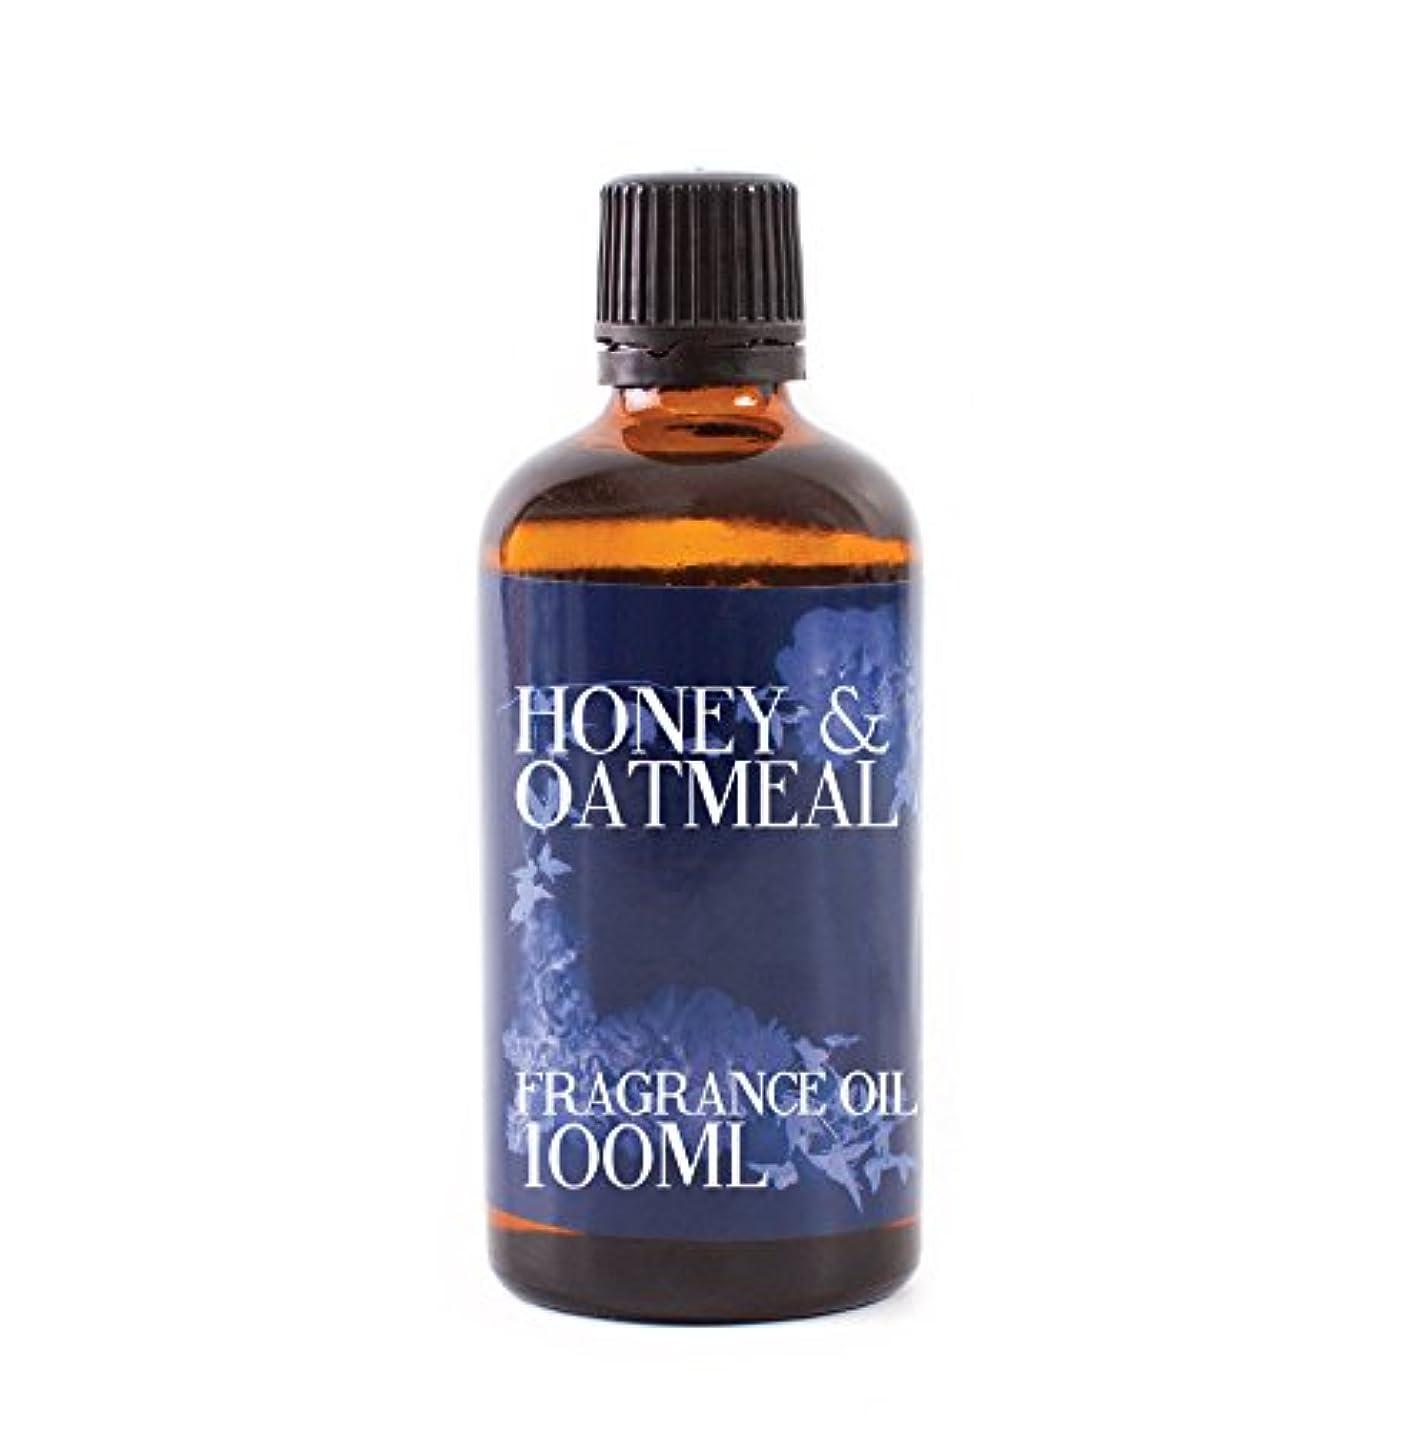 概して定義するなるMystic Moments | Honey & Oatmeal Fragrance Oil - 100ml